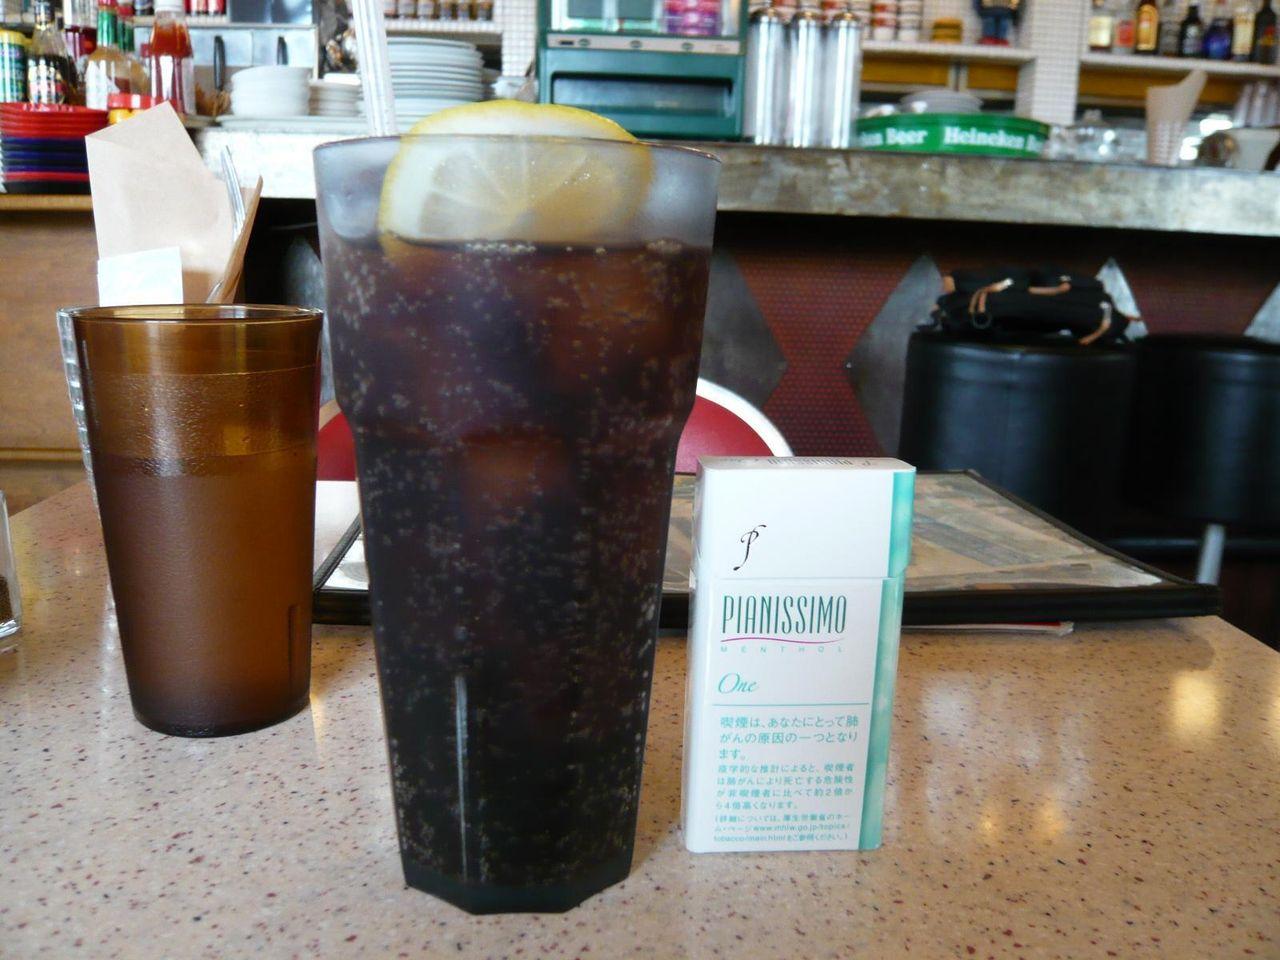 セットのコーラは、高さ16センチの特大グラスで出てきます!